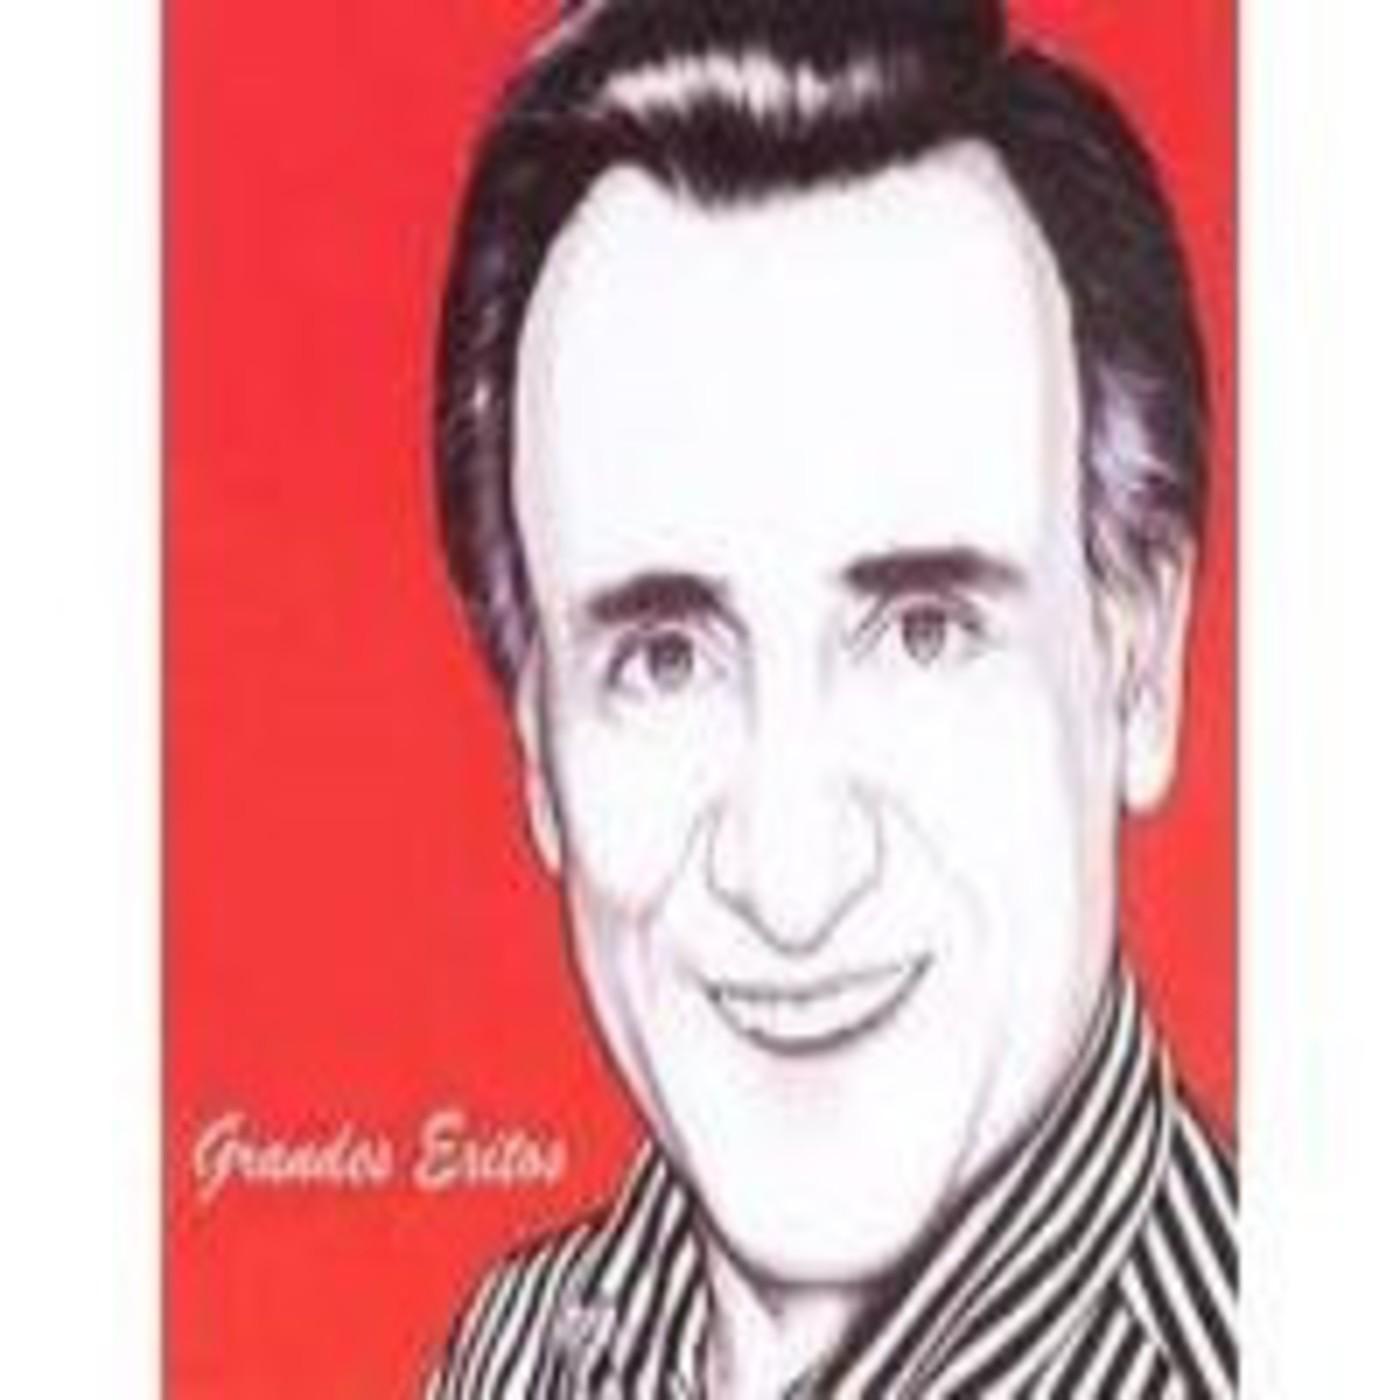 Manolo Escobar Volver A Ser Niño 1981 En Manolo Escobar Grandes éxitos En Mp3 25 10 A Las 03 24 54 03 27 2484182 Ivoox